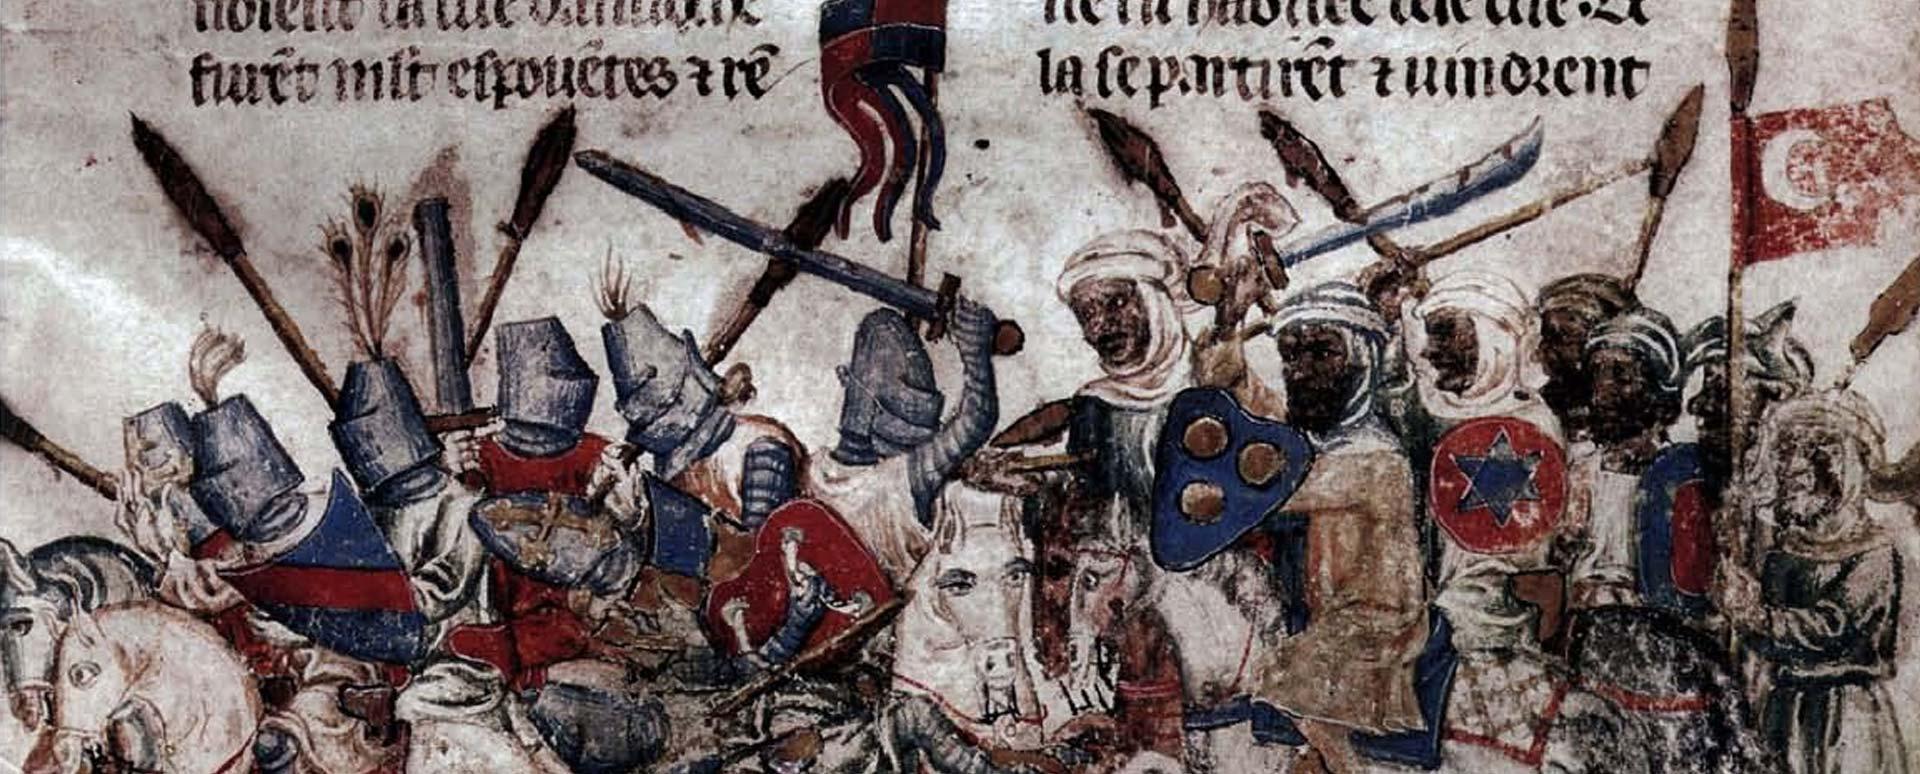 La masacre de Maarat